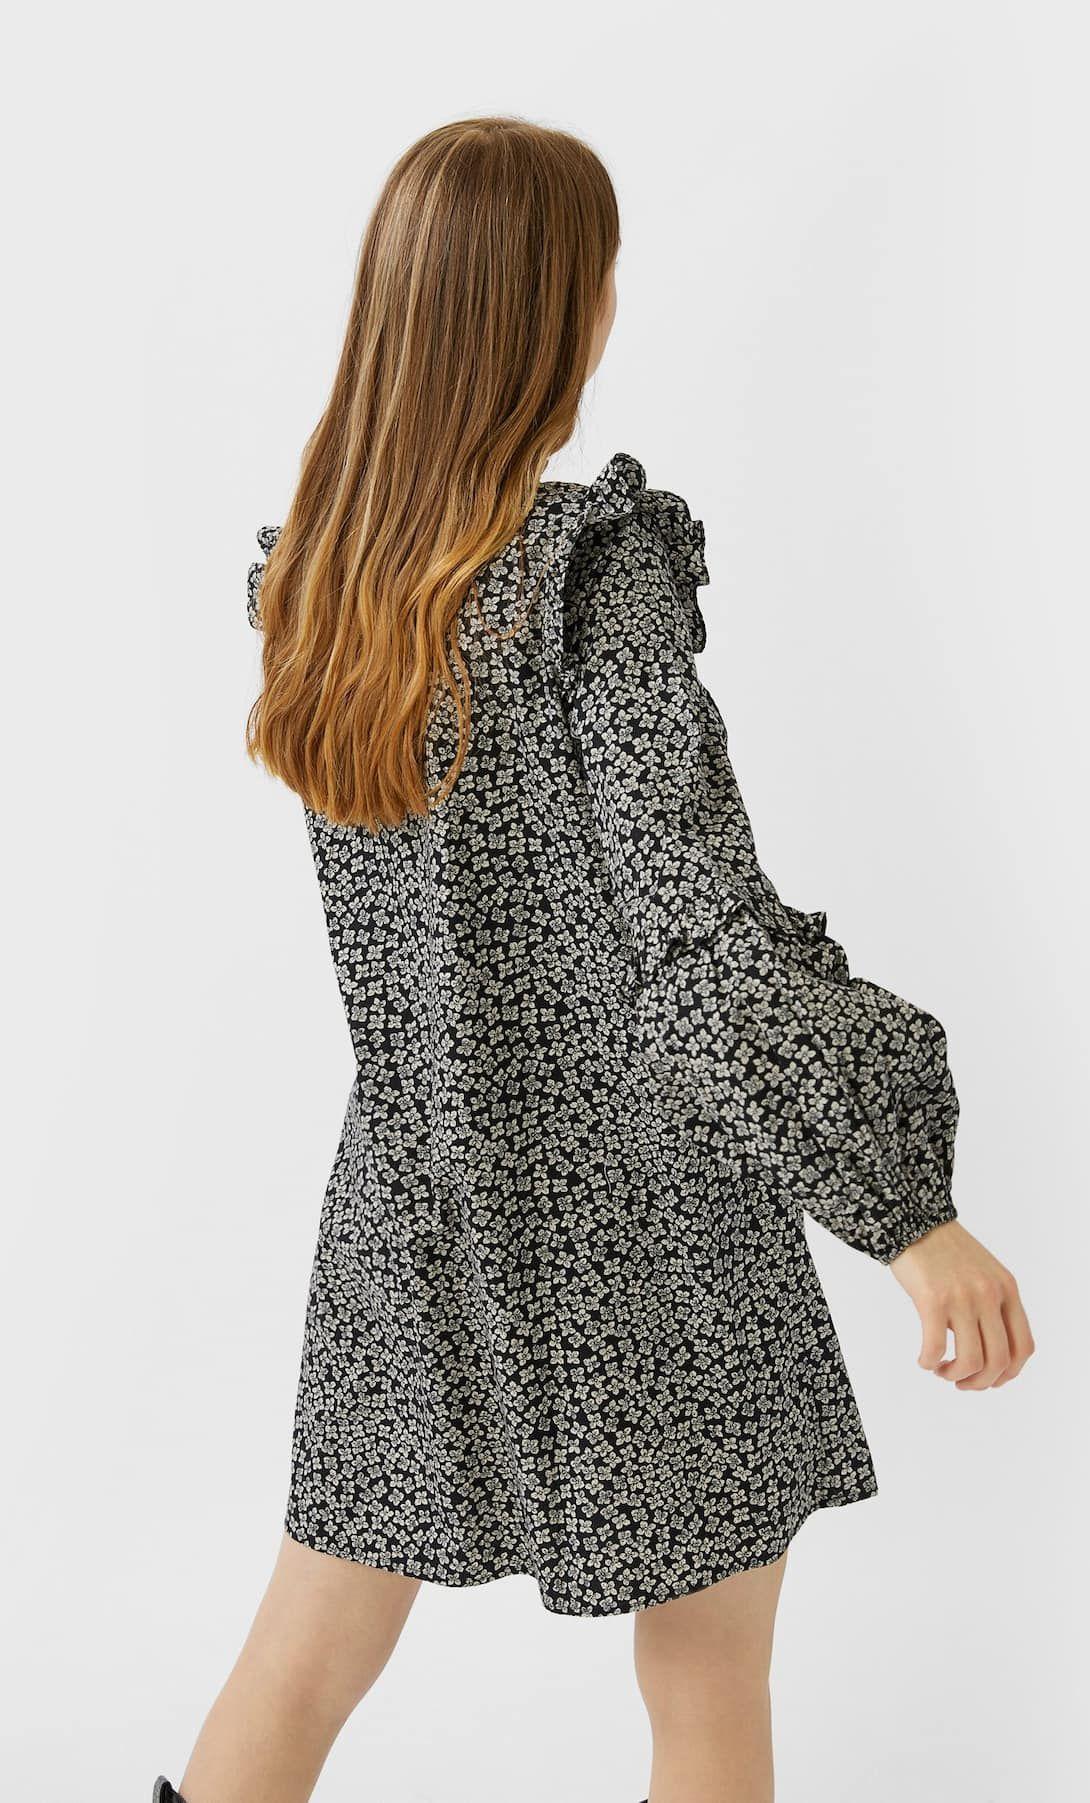 El vestido corto de las fashionistas bajitas llega a